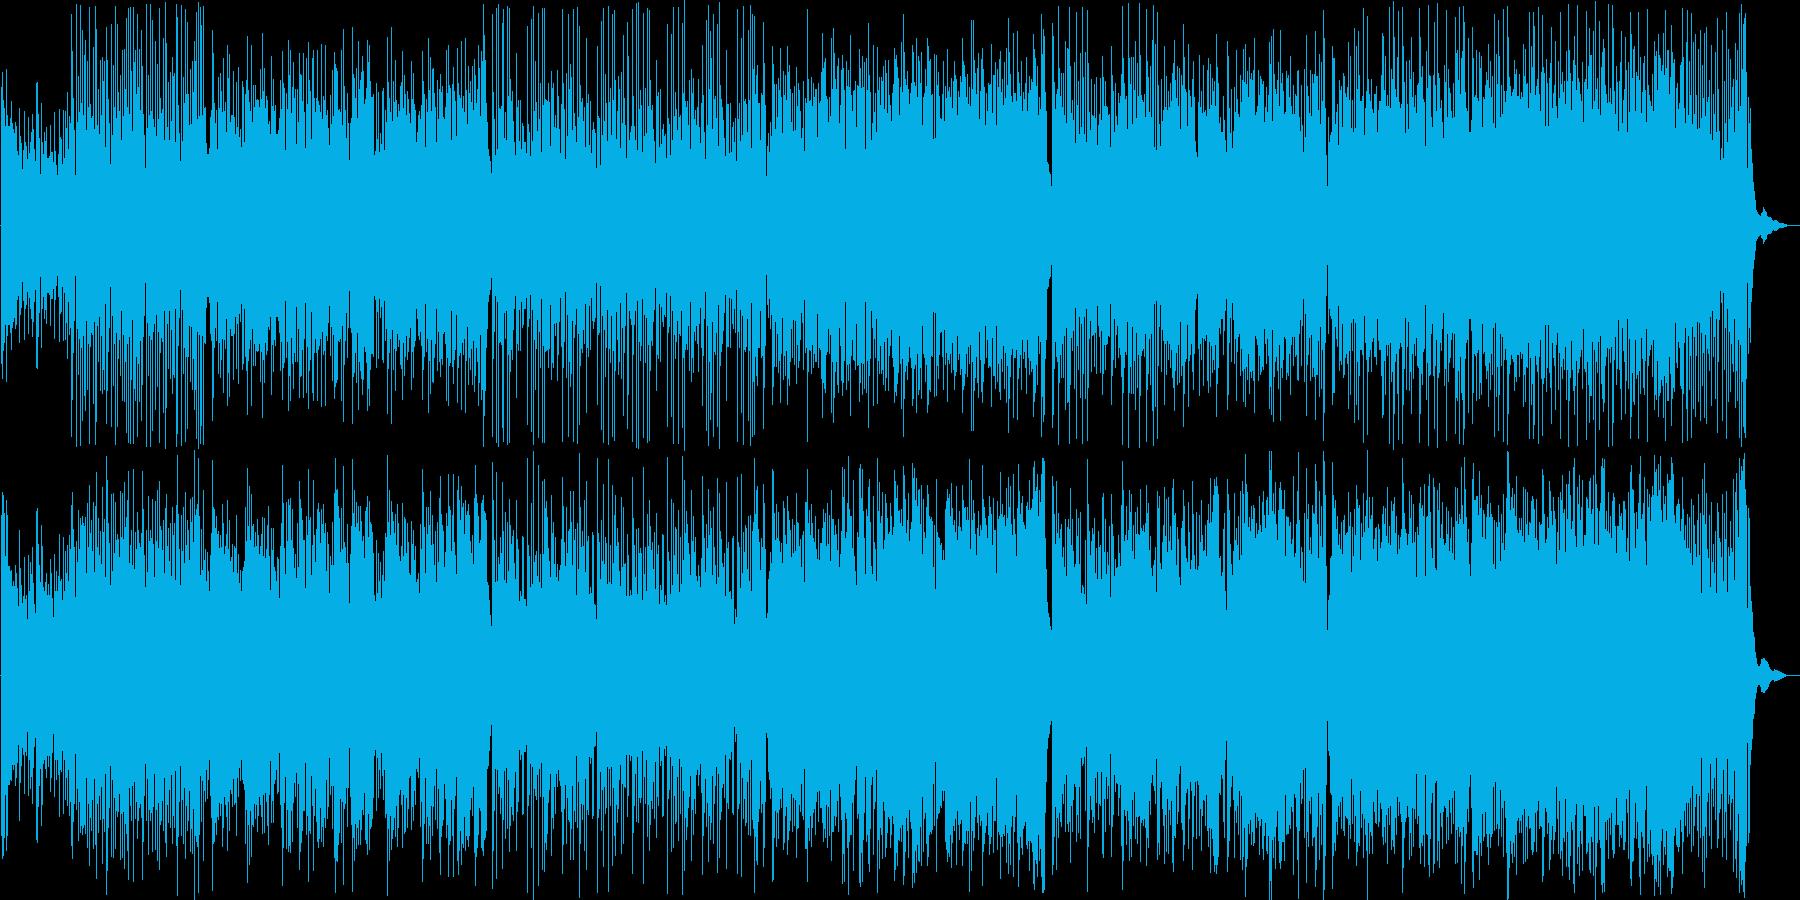 ちょっと怪しい雰囲気の中華風テクノの再生済みの波形